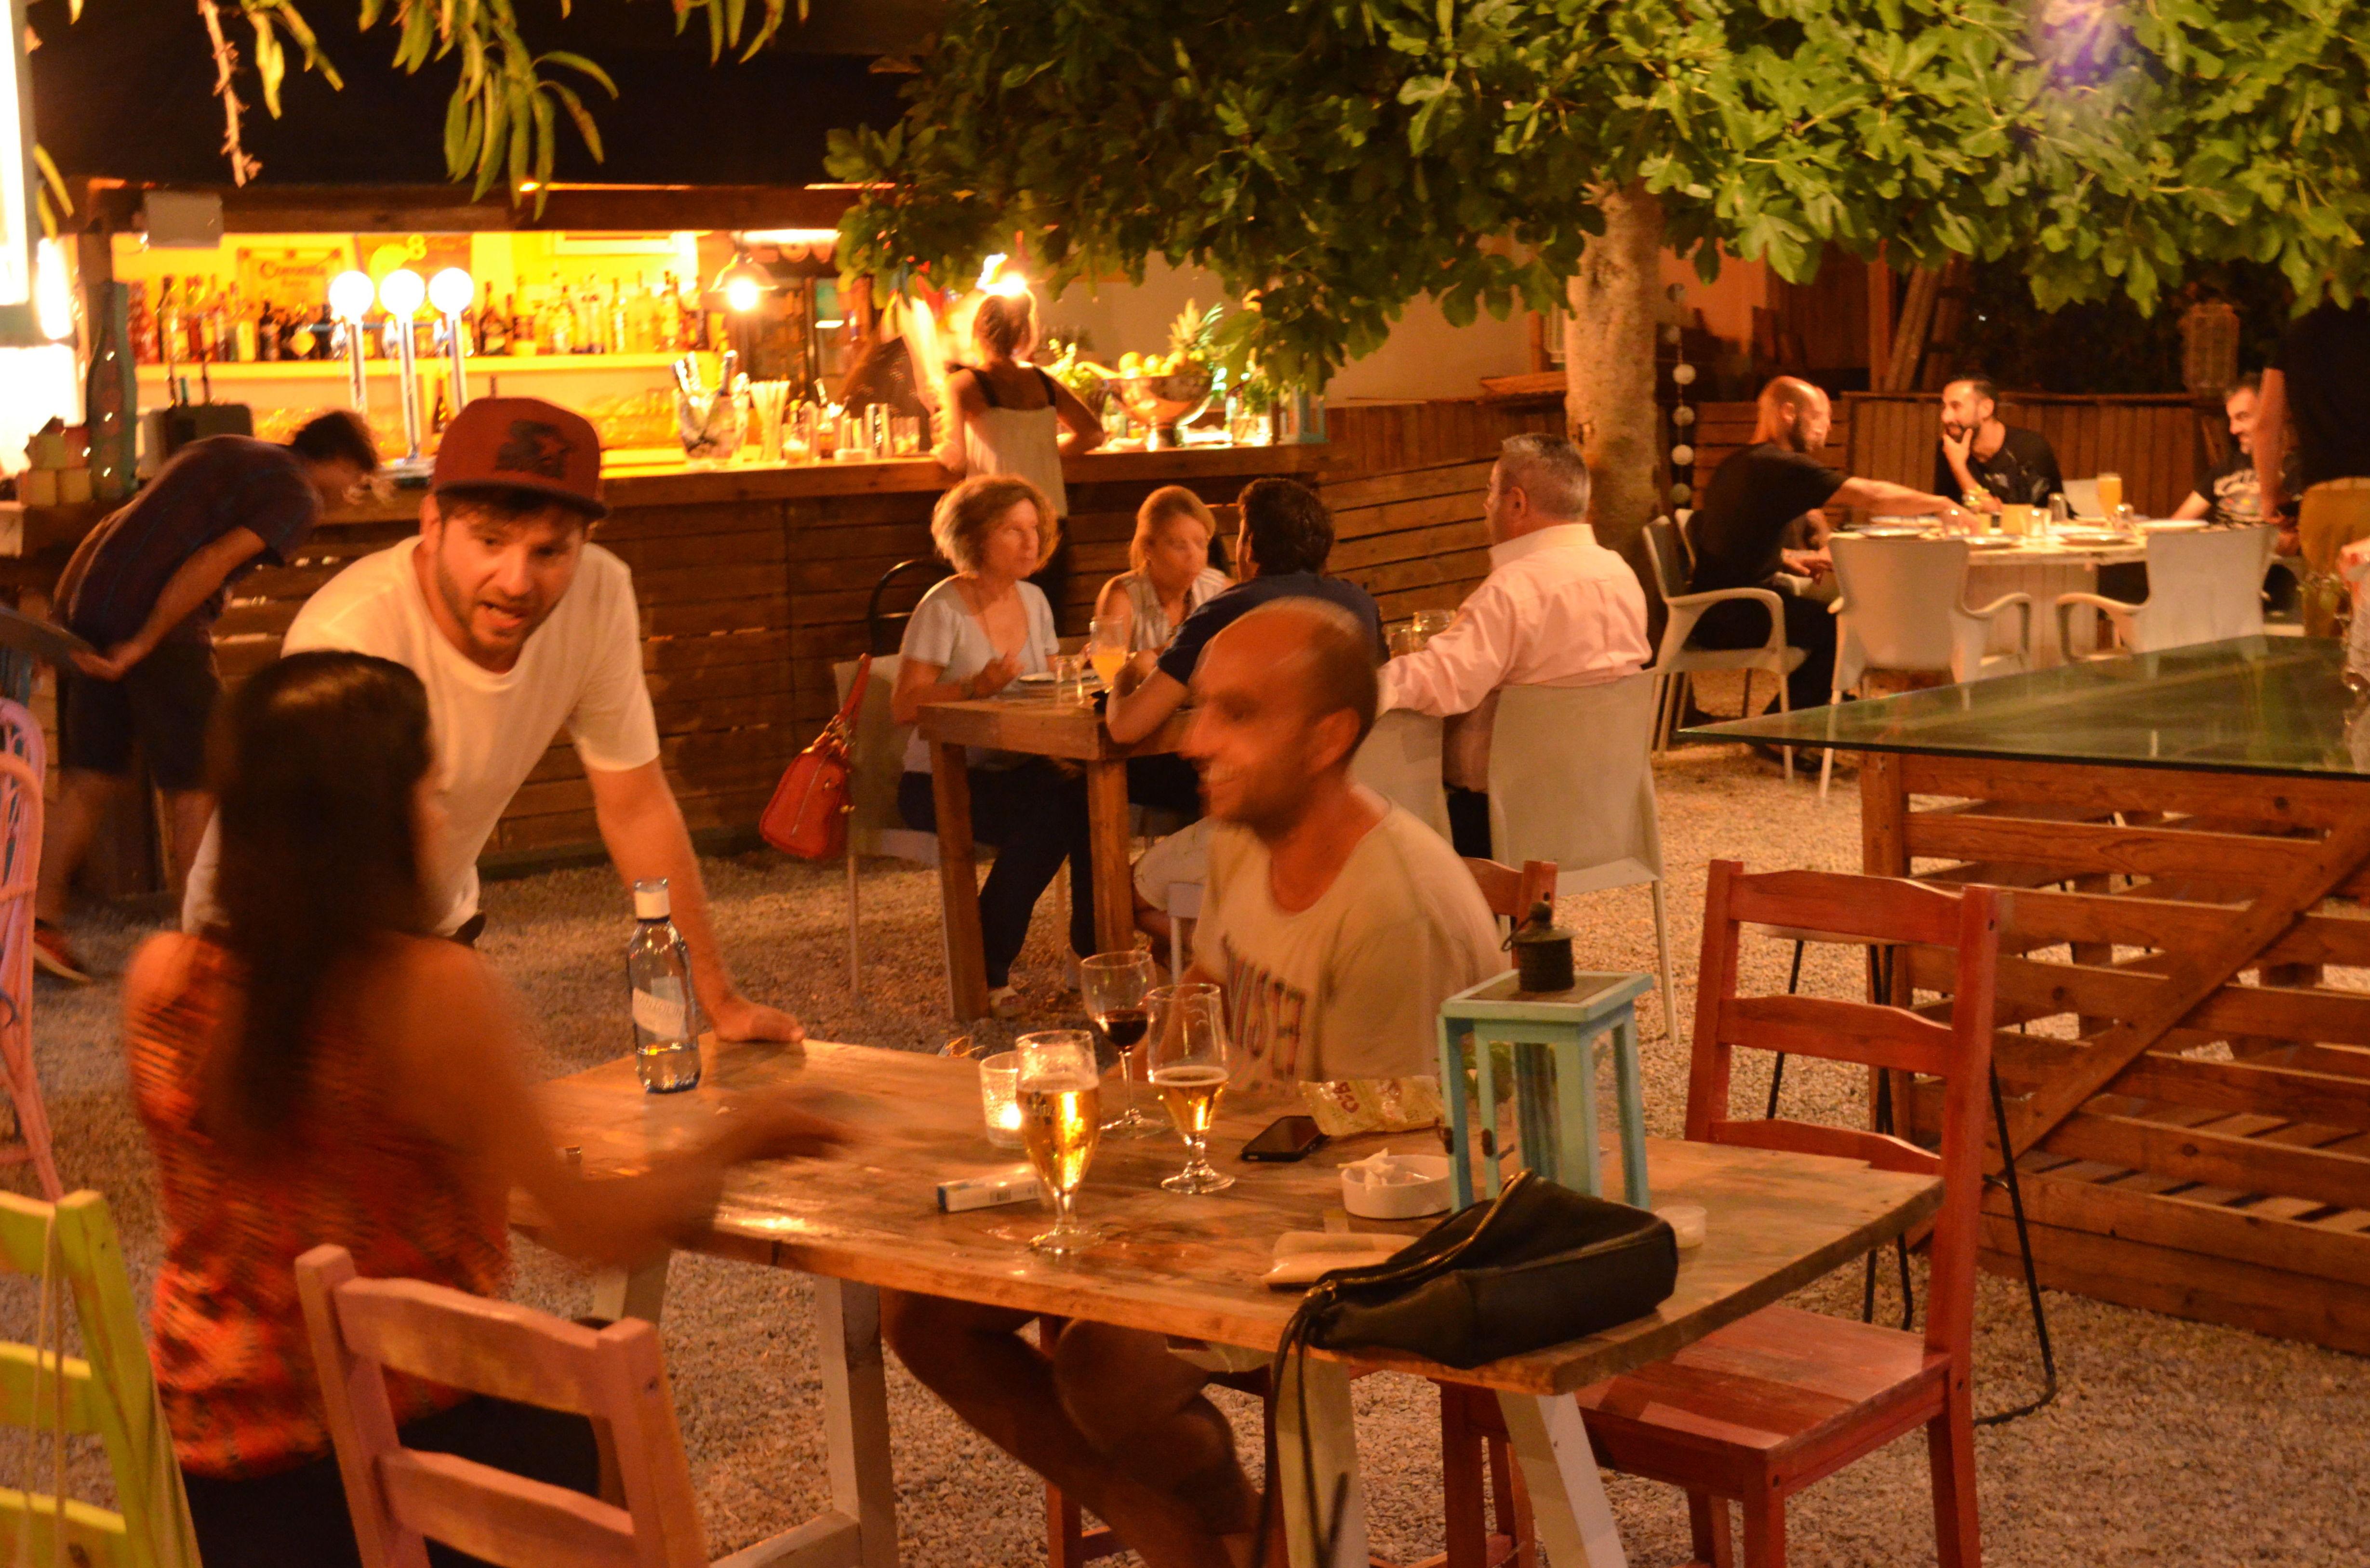 Foto 20 de Cocina mediterránea en Santa Eulària des Riu | Restaurante Parrilla con huerto propio